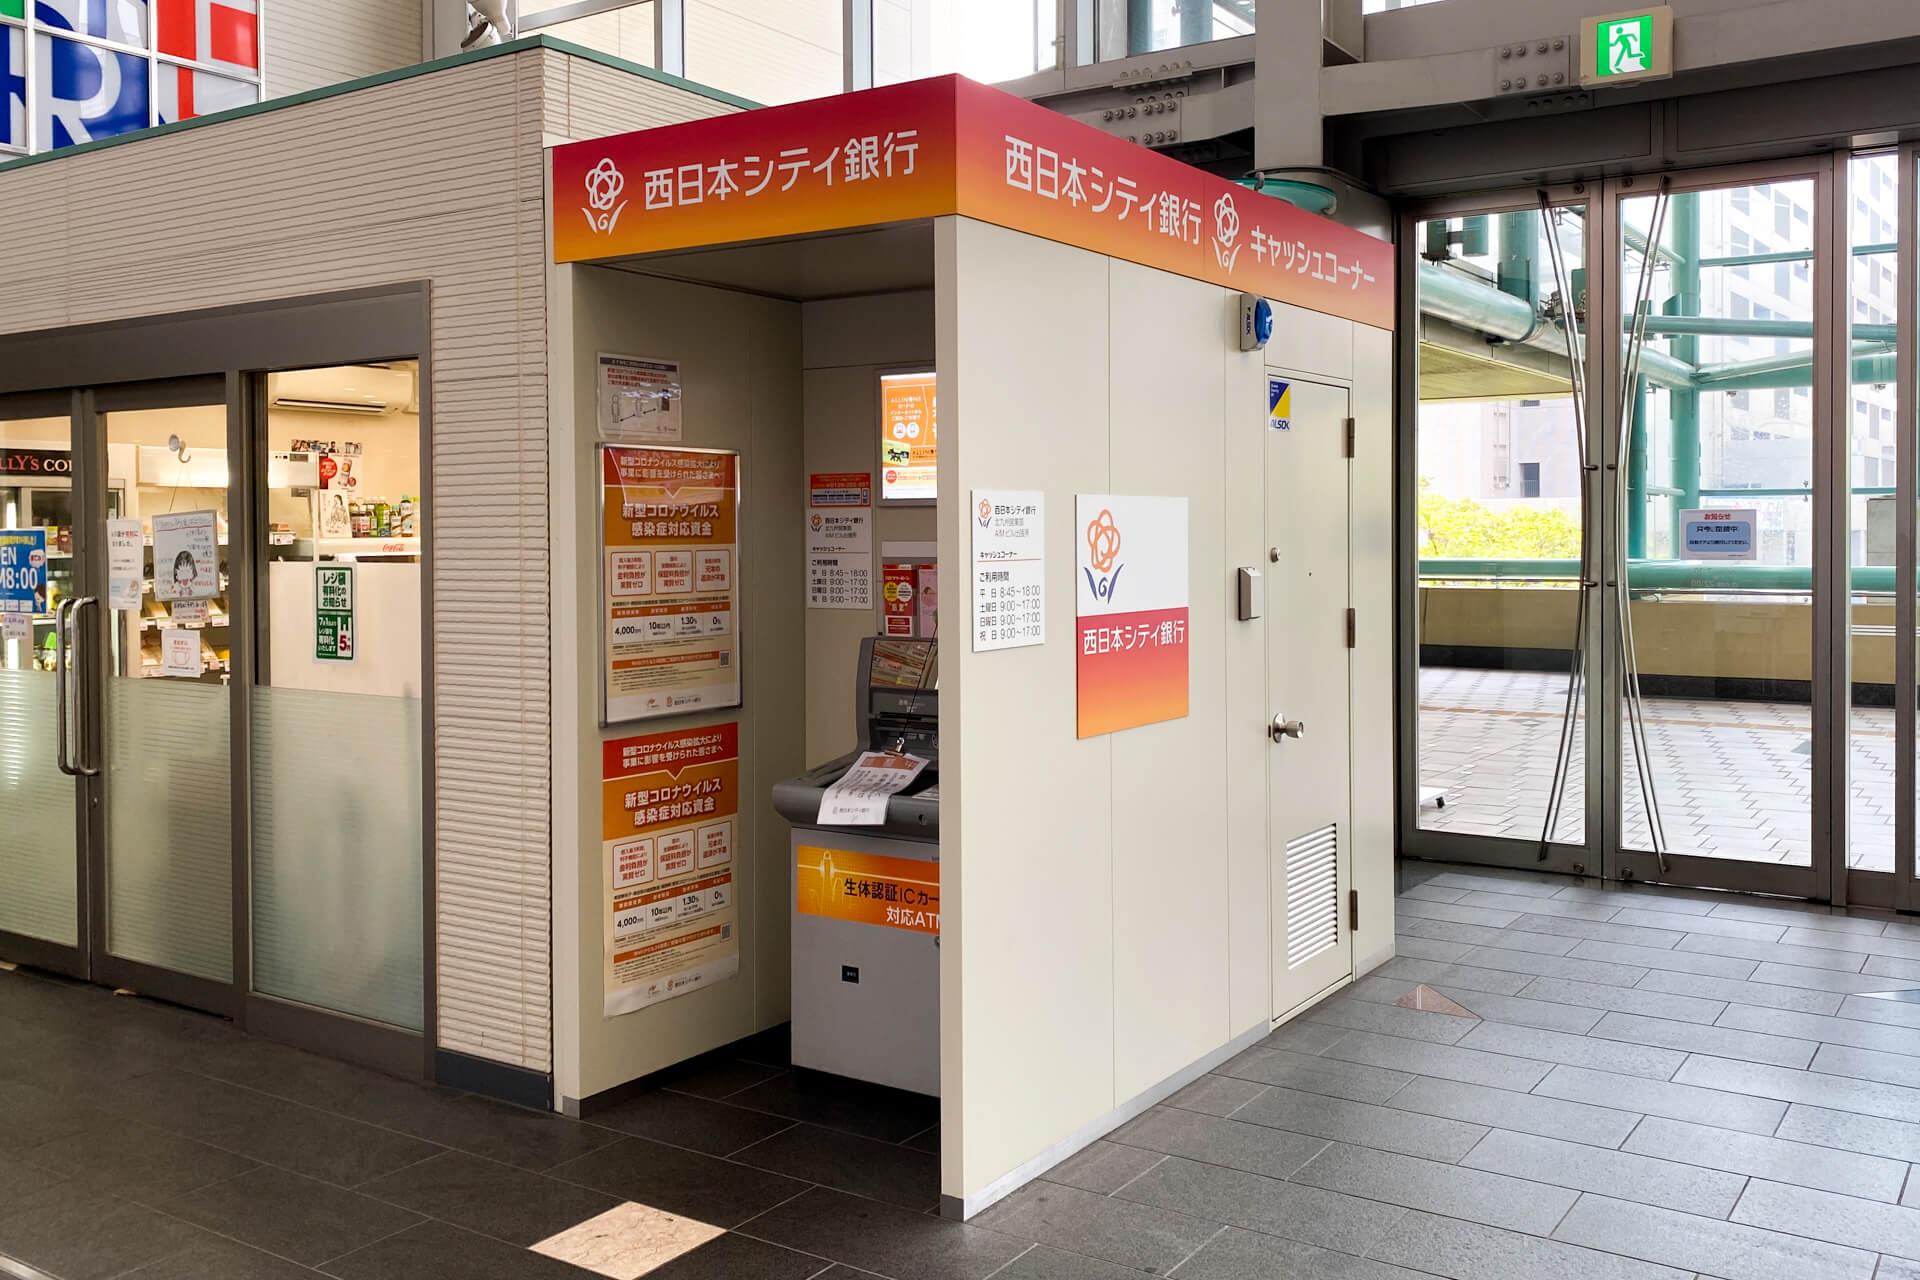 西日本シティ銀行ATM